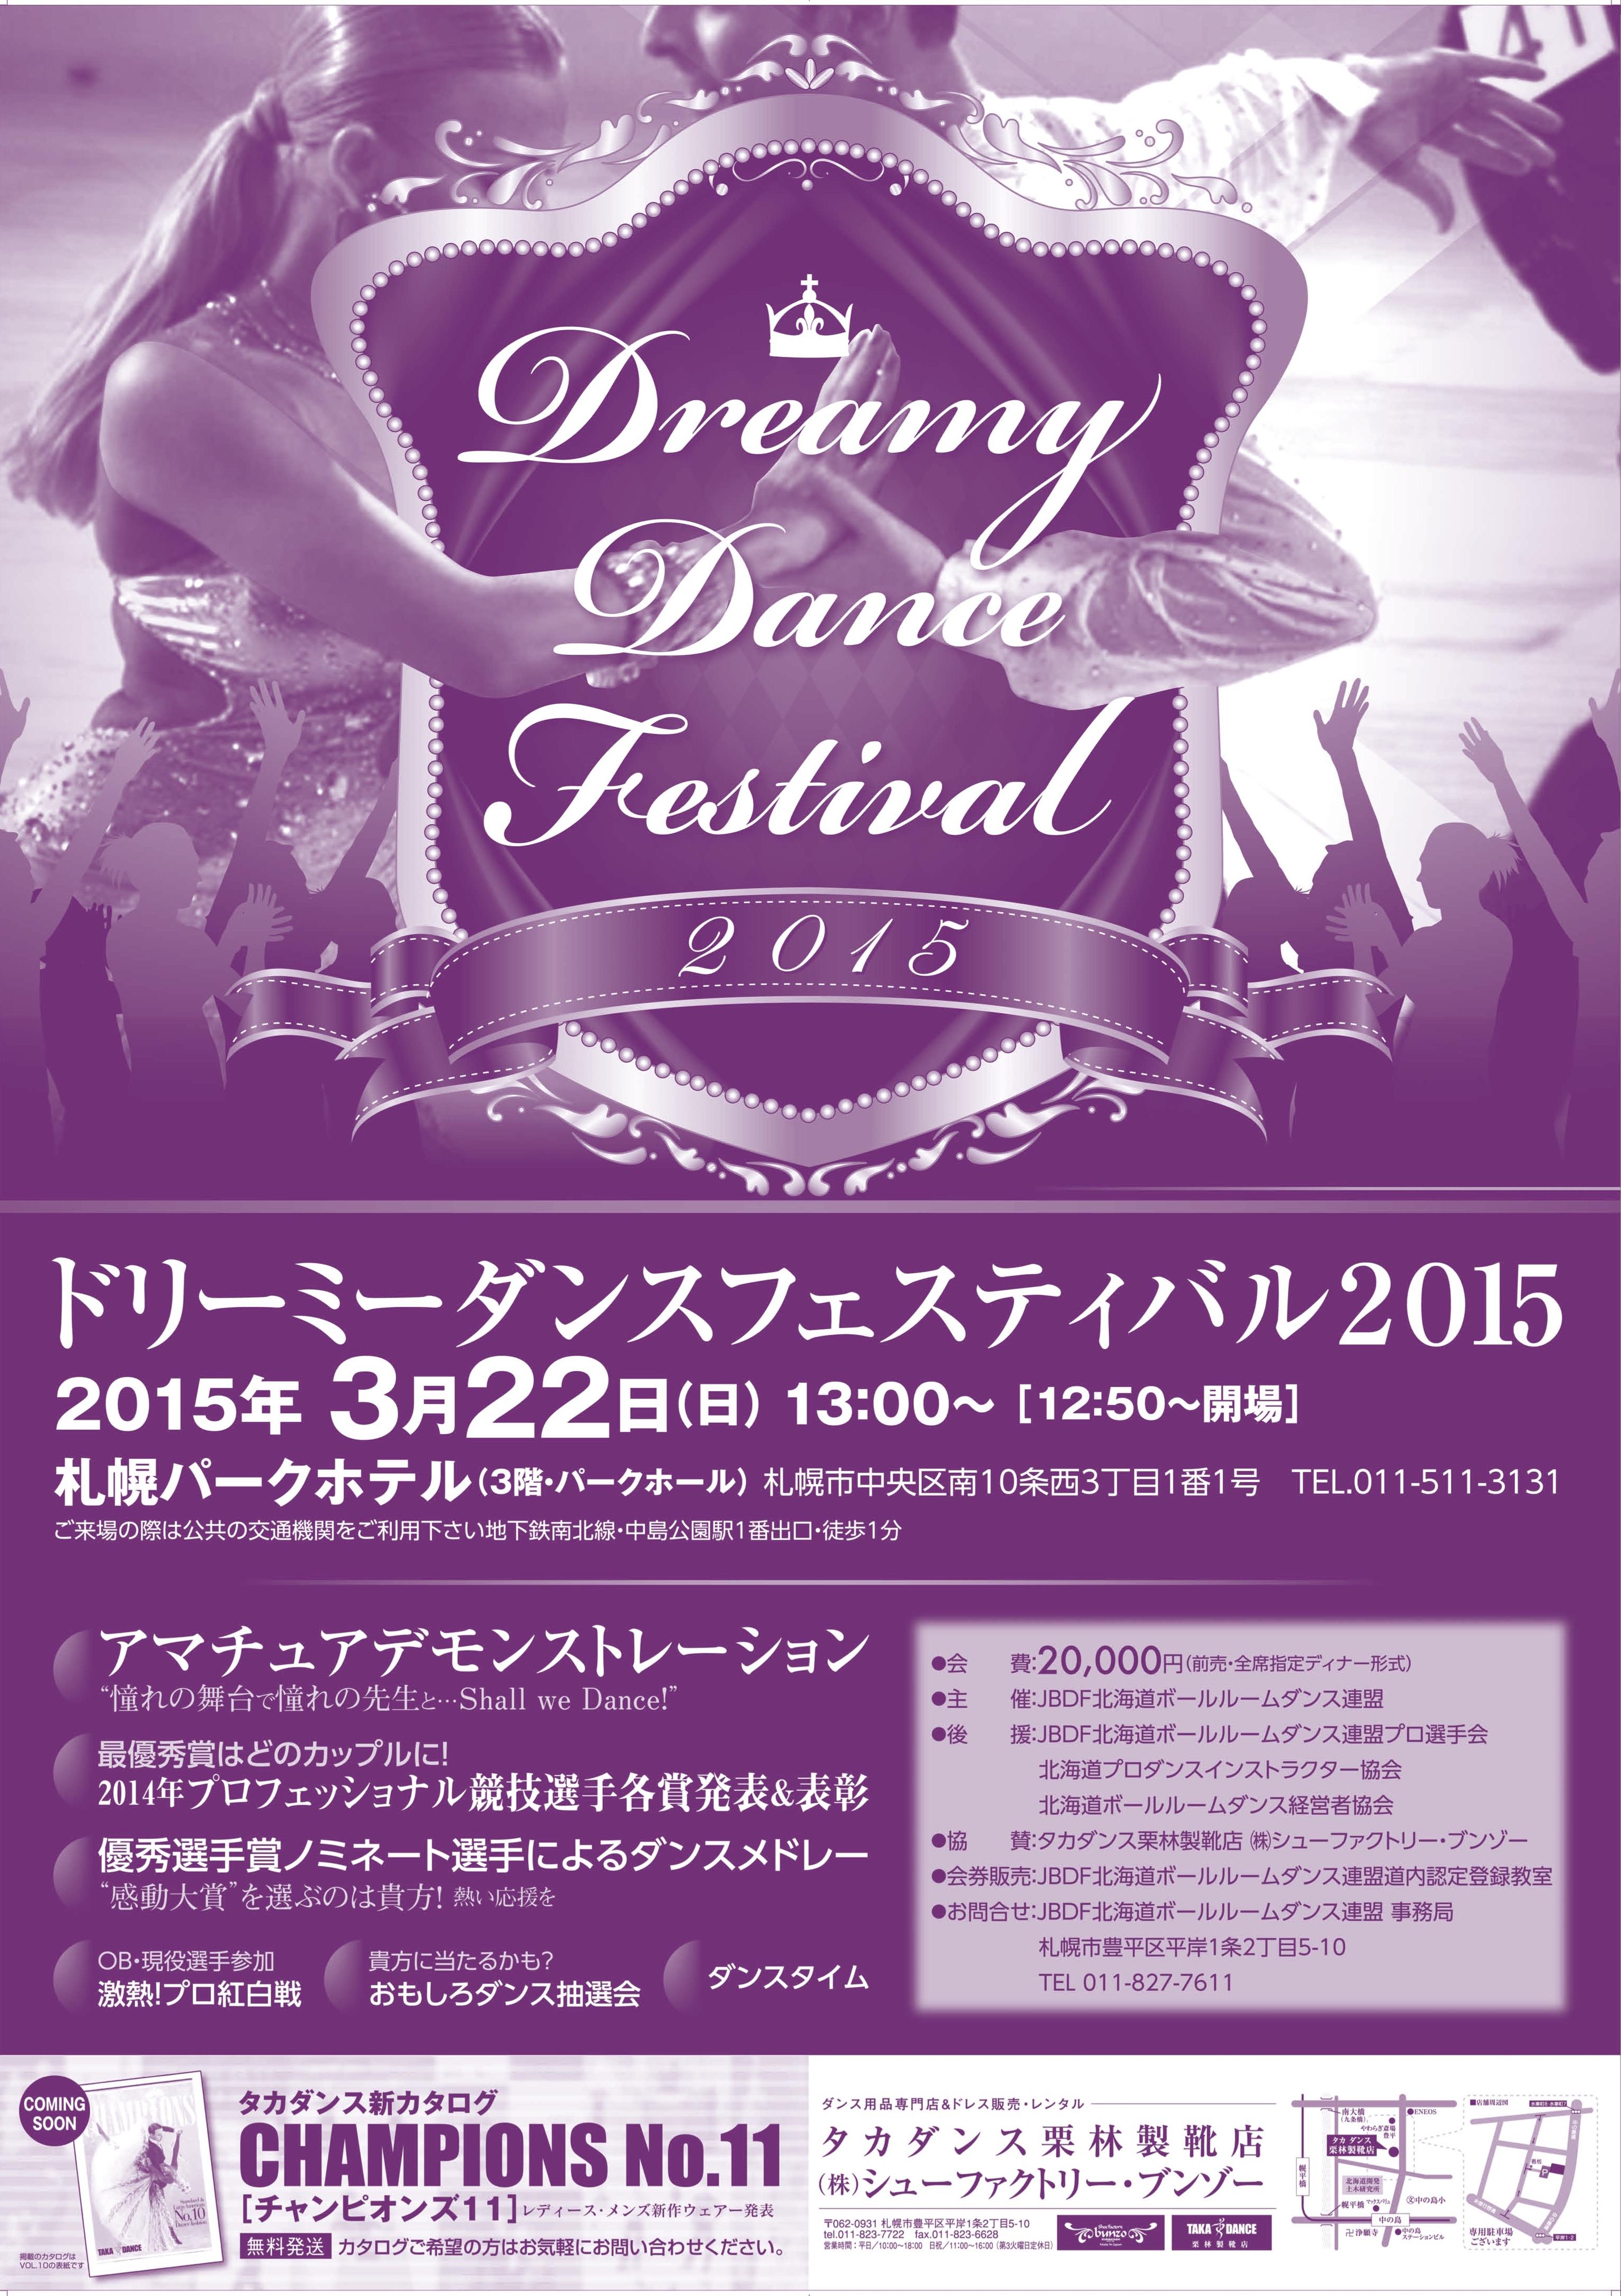 ドリーミーダンスフェスティバル2015 in 札幌パークホテル 2015年3月22日